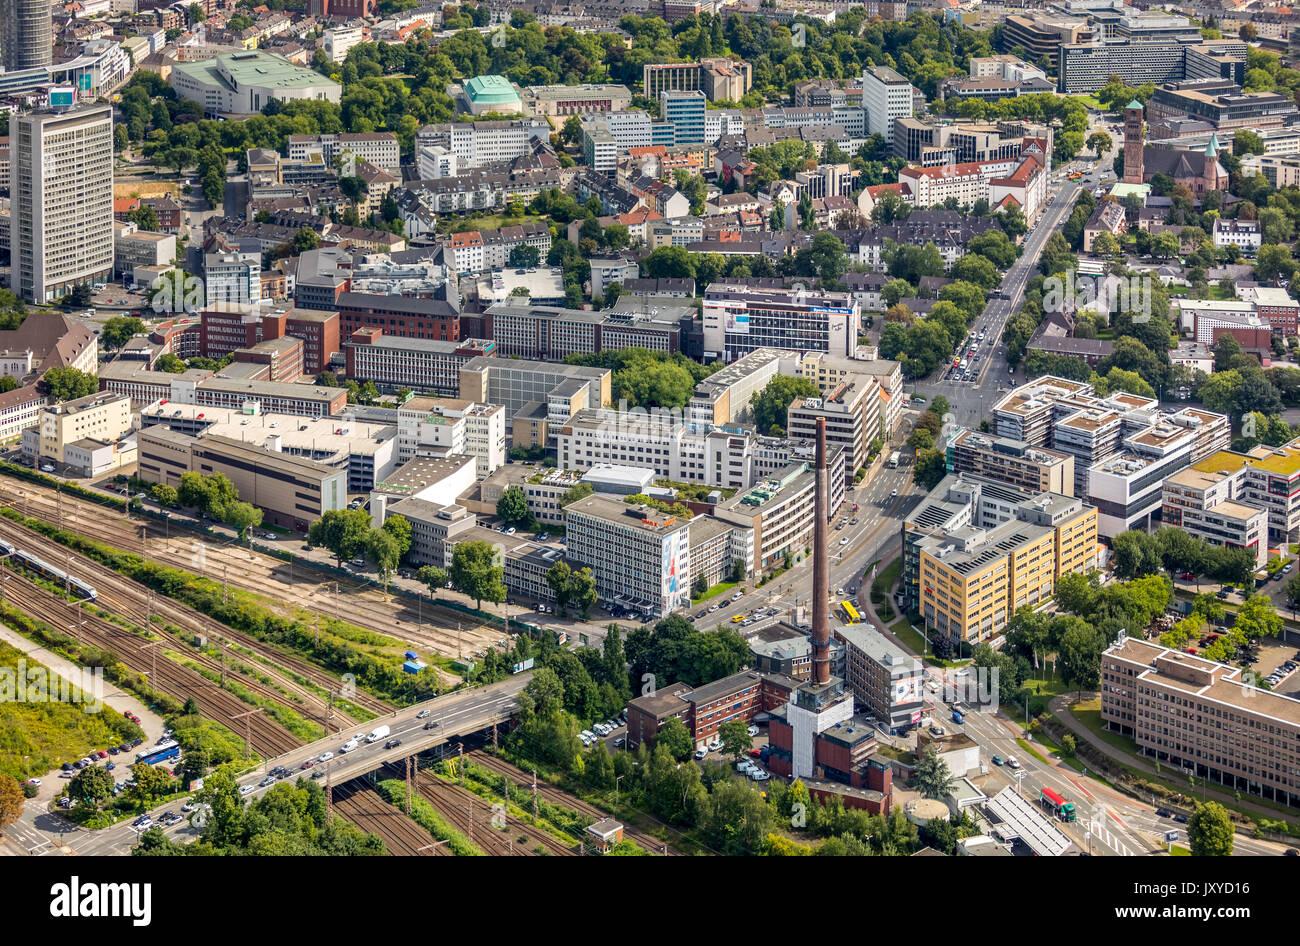 Funke Media Group in Essen, ist ein Medienunternehmen, Europa Center Essen, München 2, Essen, WAZ-Redaktion, chefredaktion WAZ, Foto Pool Esse Stockbild